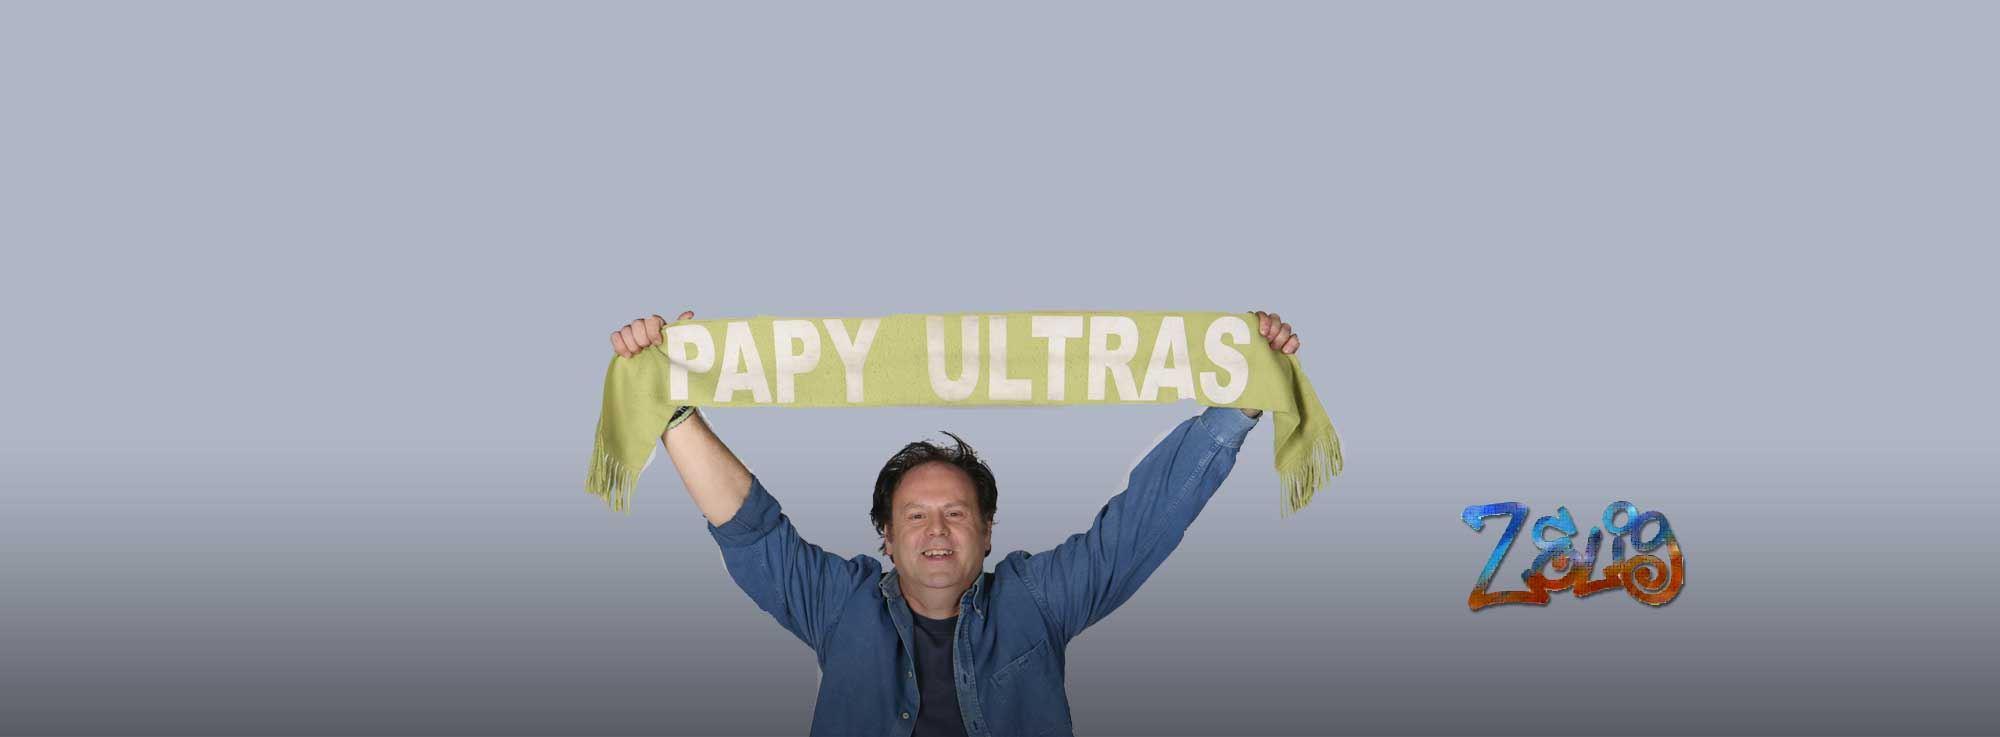 Ostuni: Non solo papy ultras